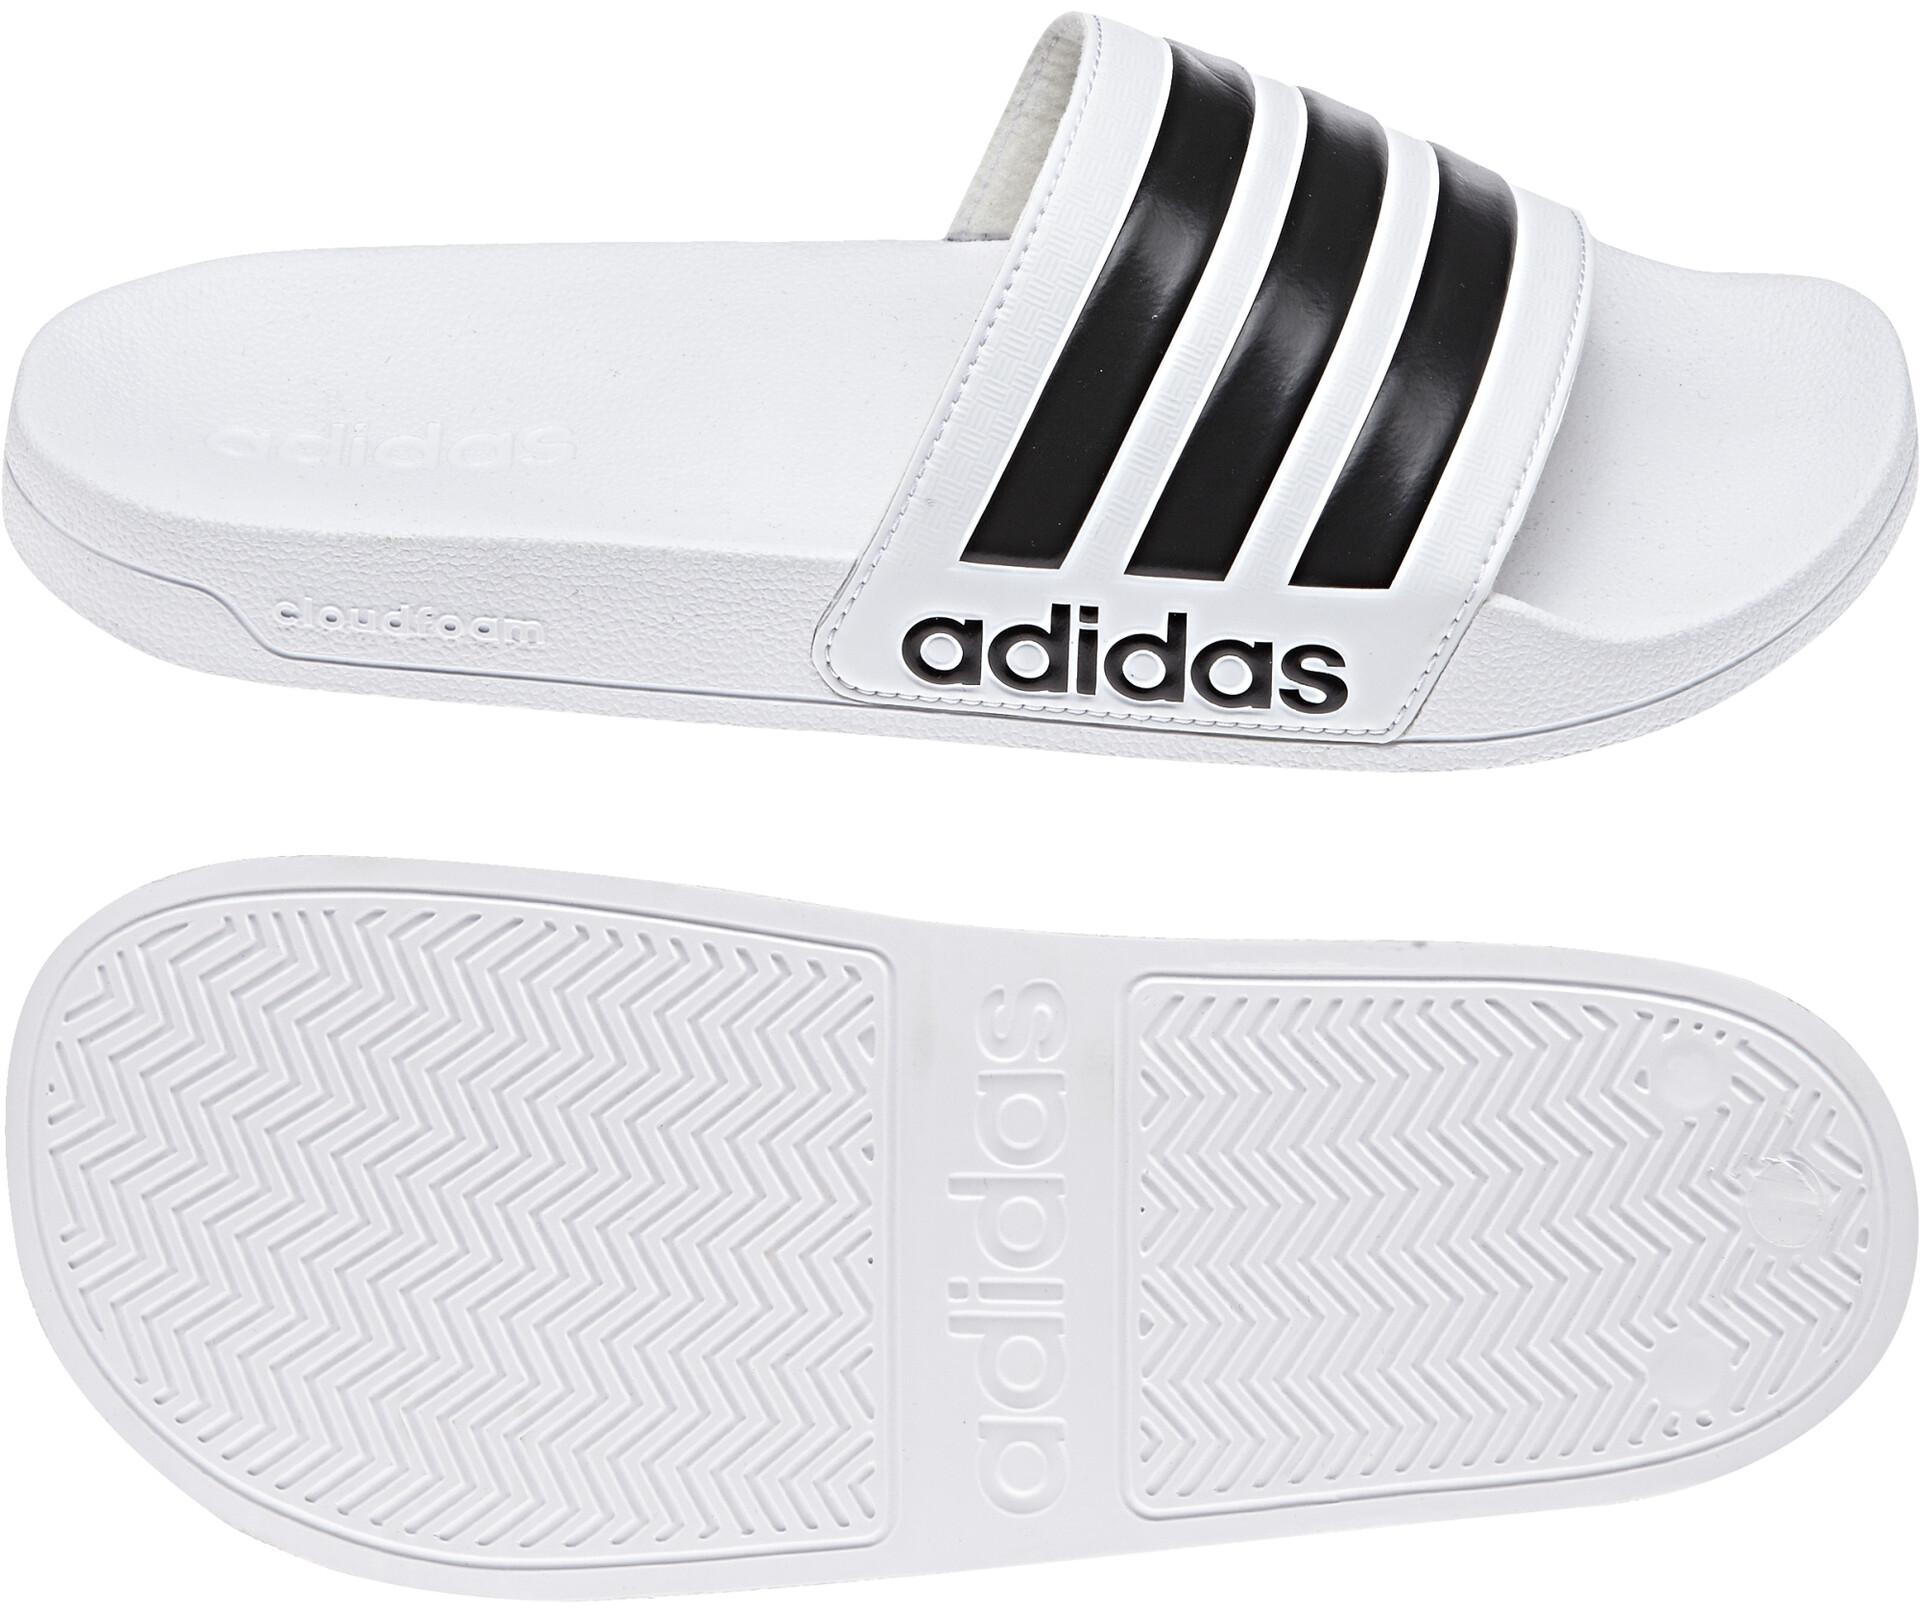 Shower De Plage Chaussures Adidas Adilette Blanc Homme Tt8pcqwd QthdCxsr